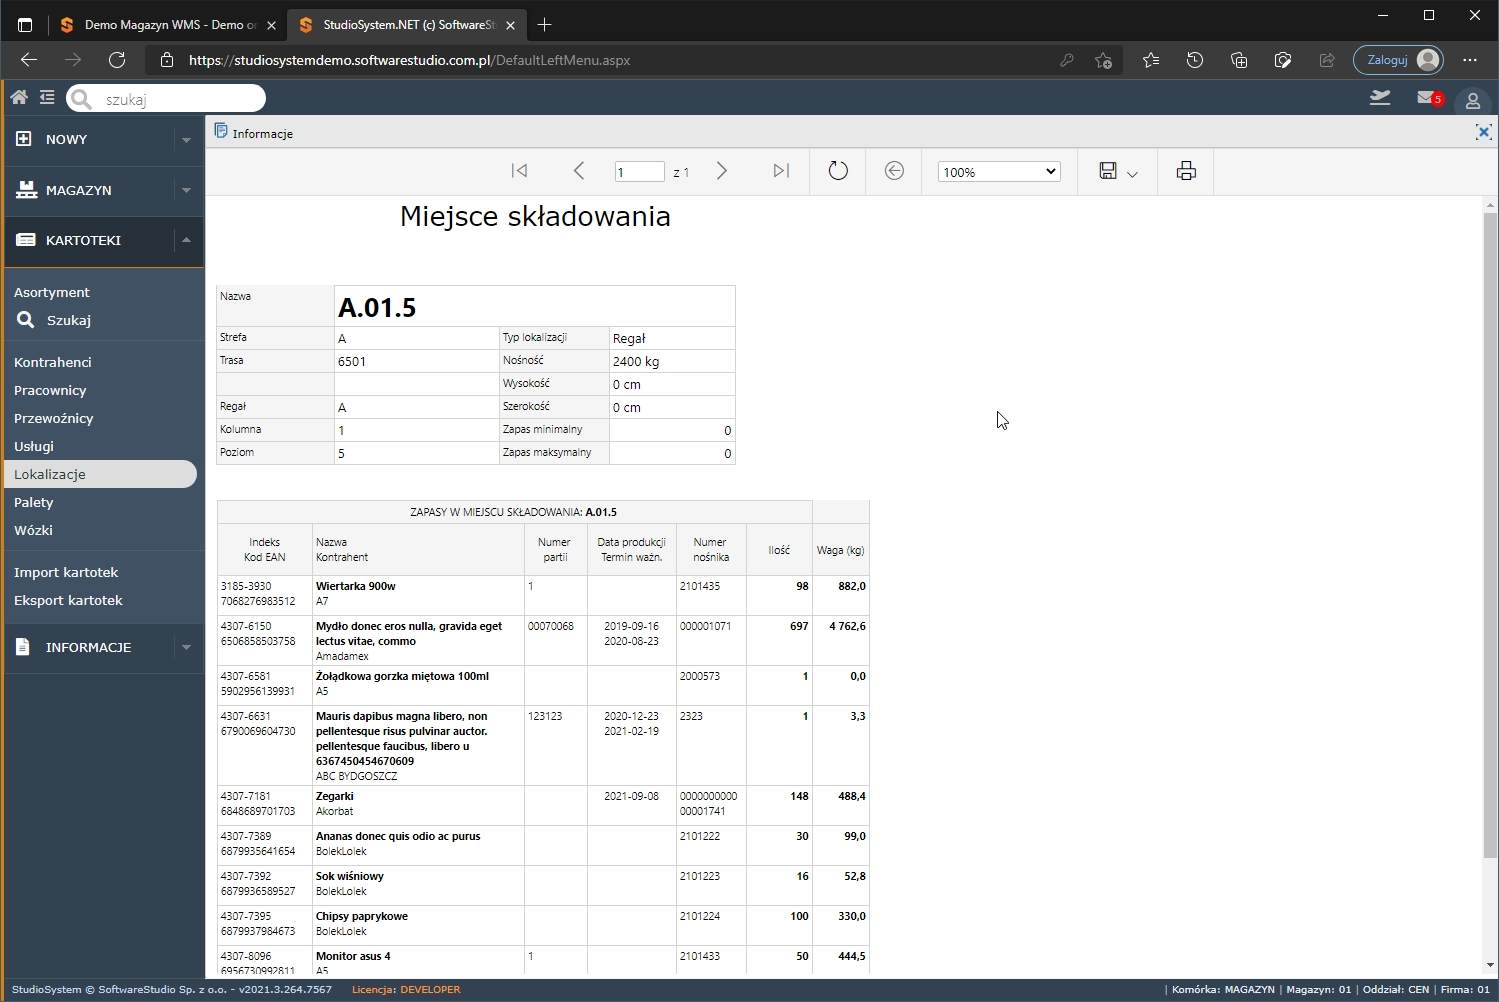 Oprogramowanie magazynowe online program wms.net